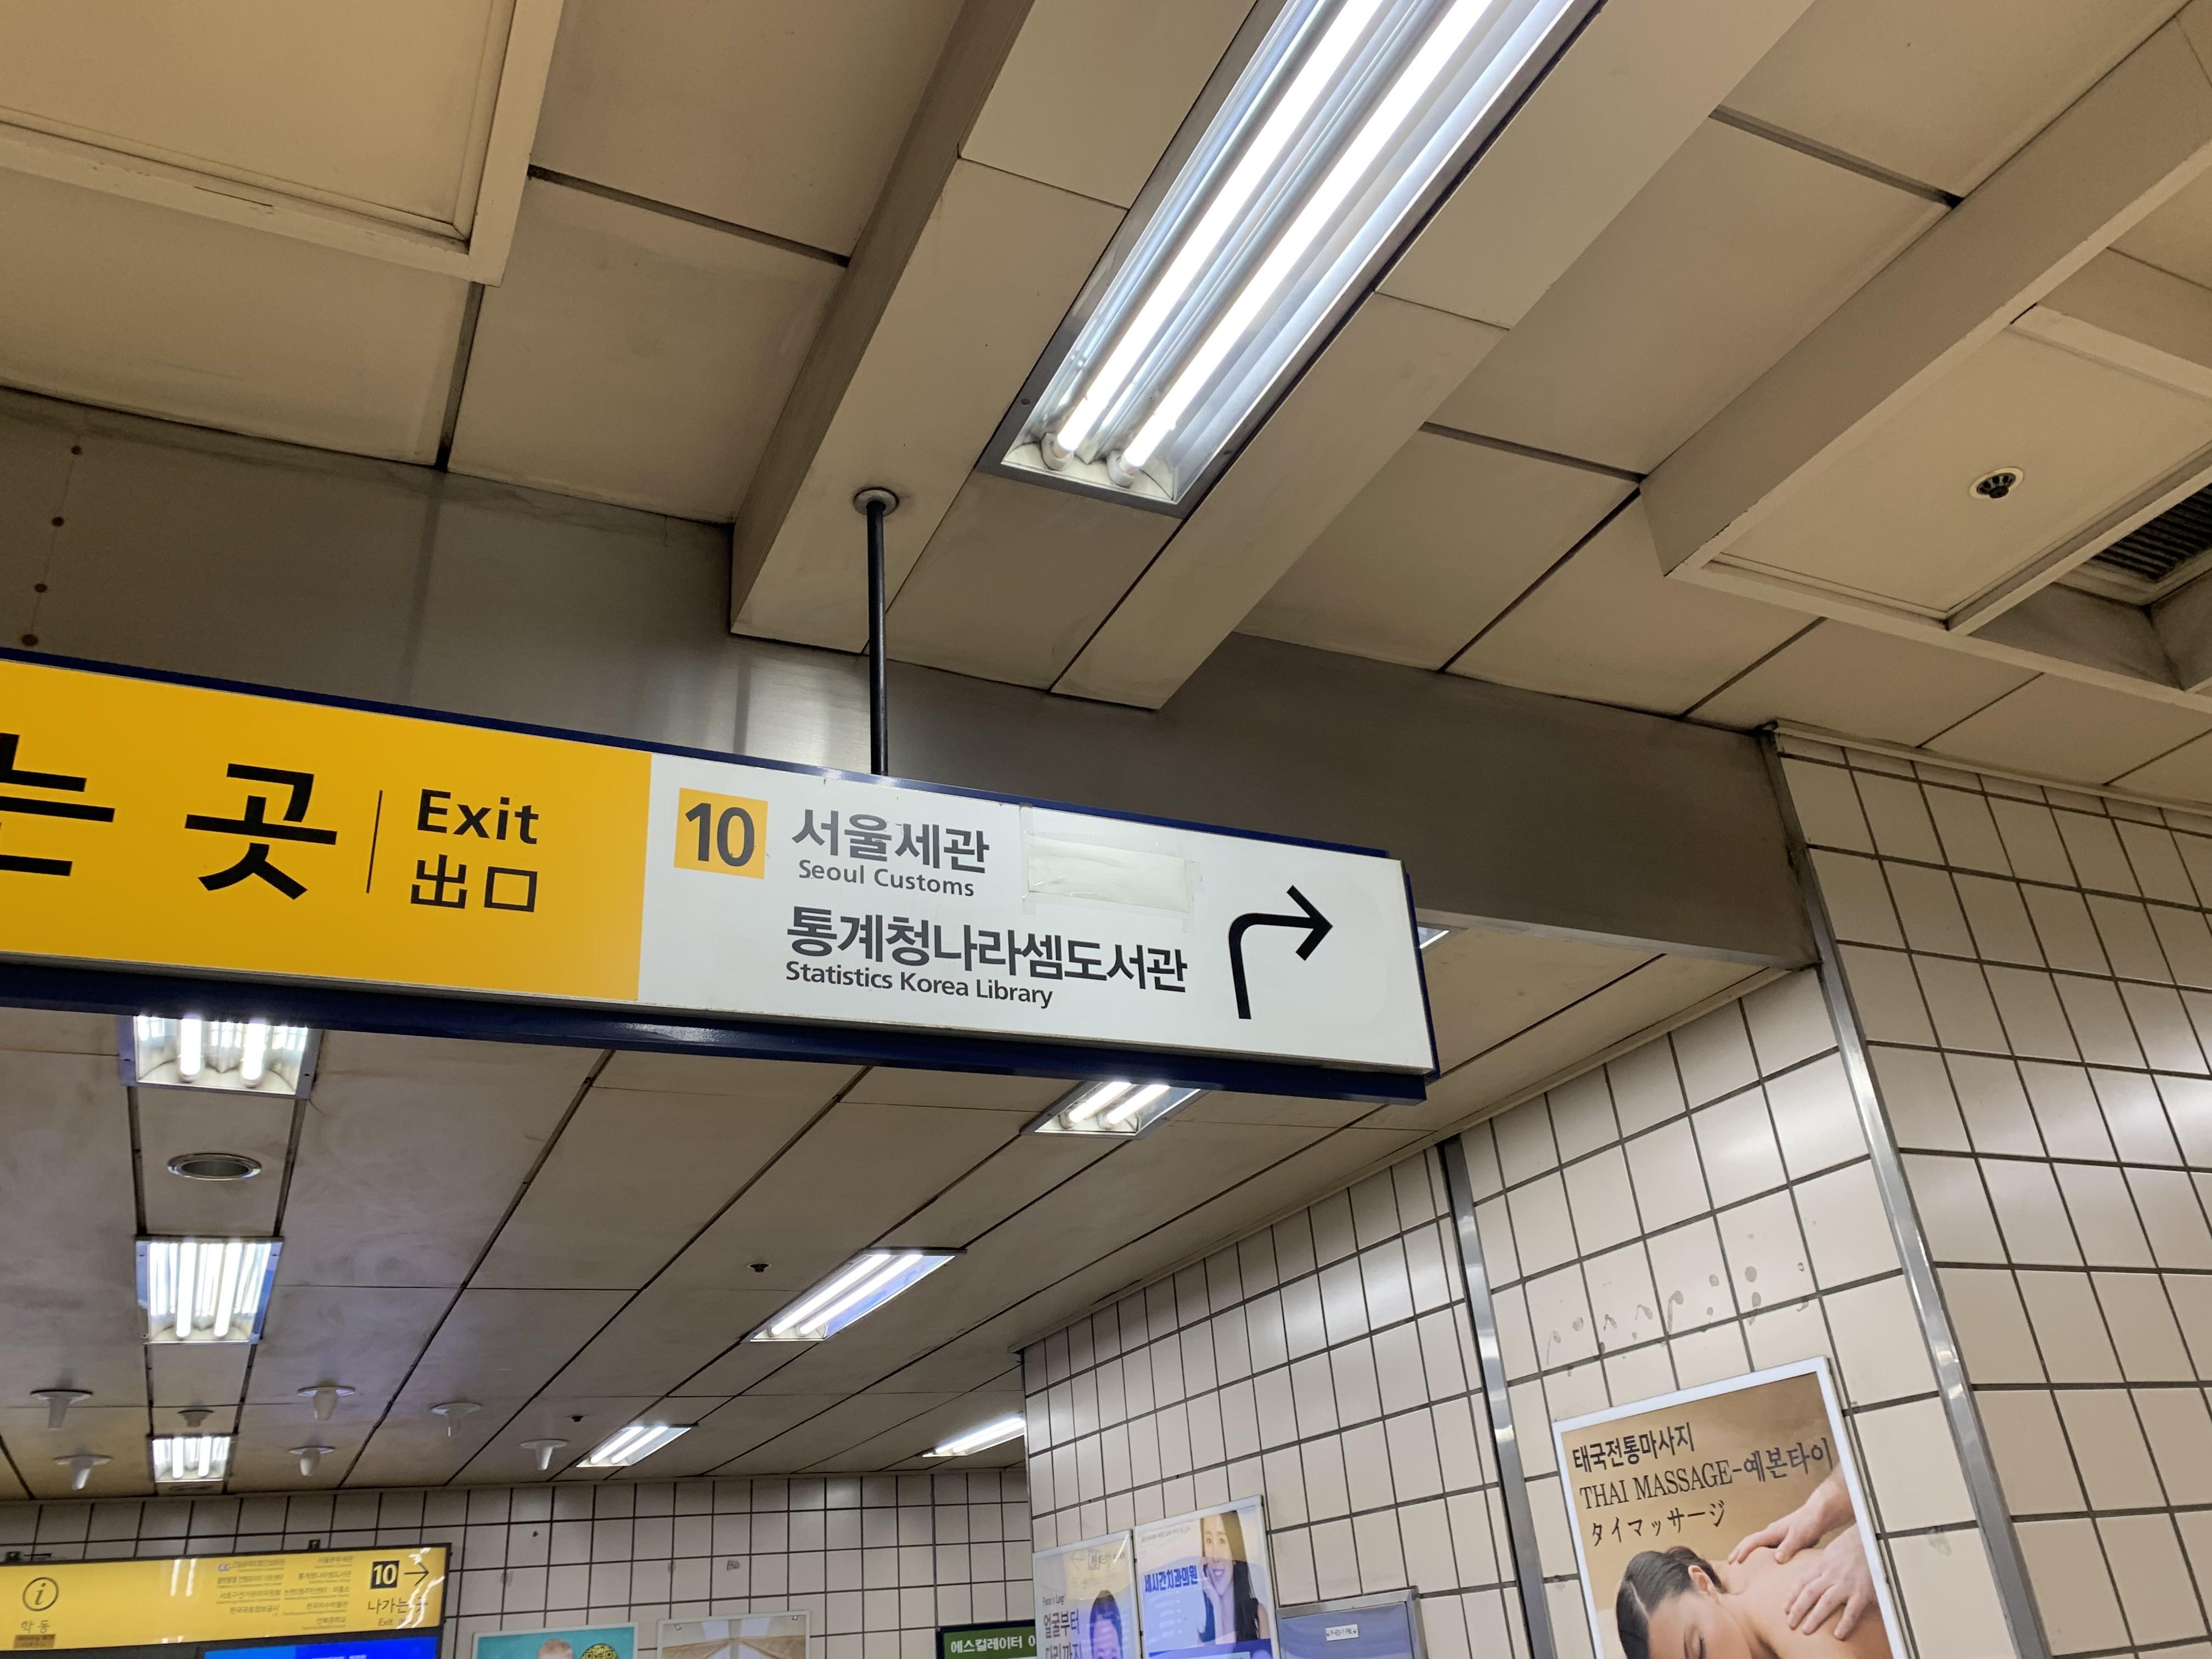 鶴洞駅の10番線出口の画像